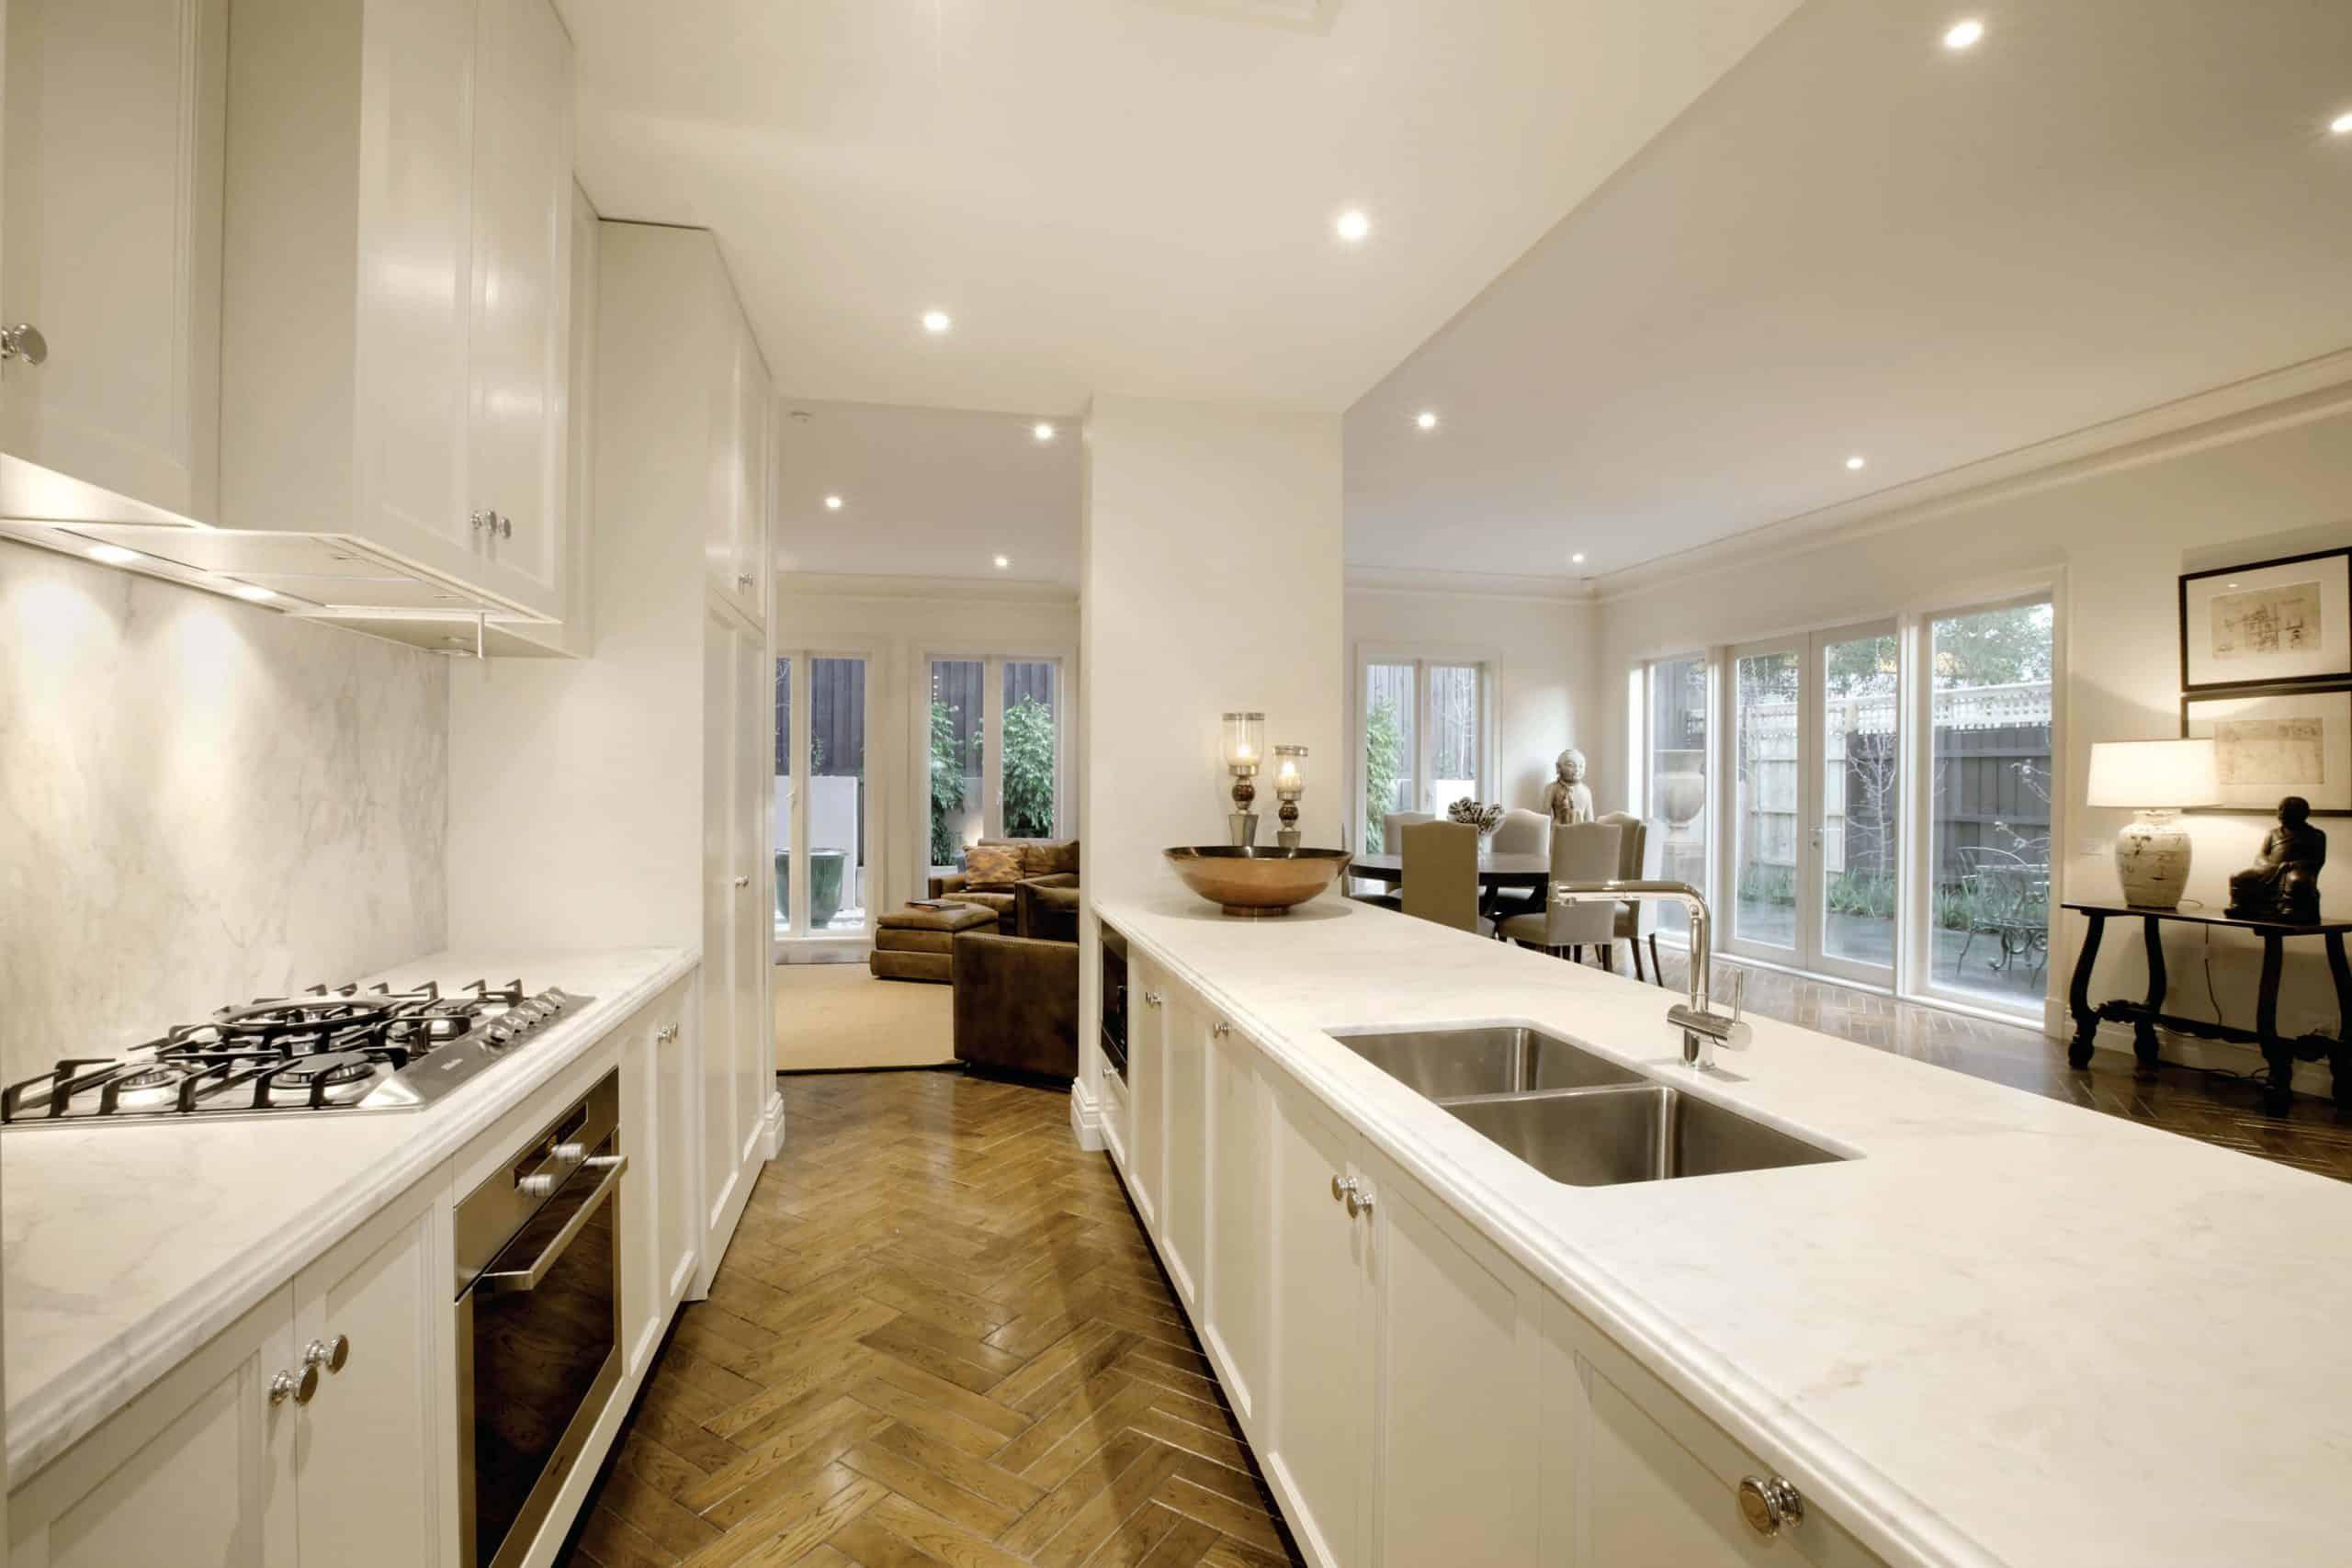 28 MANNINGTREE CDGW 6598 scaled Kokoda Property